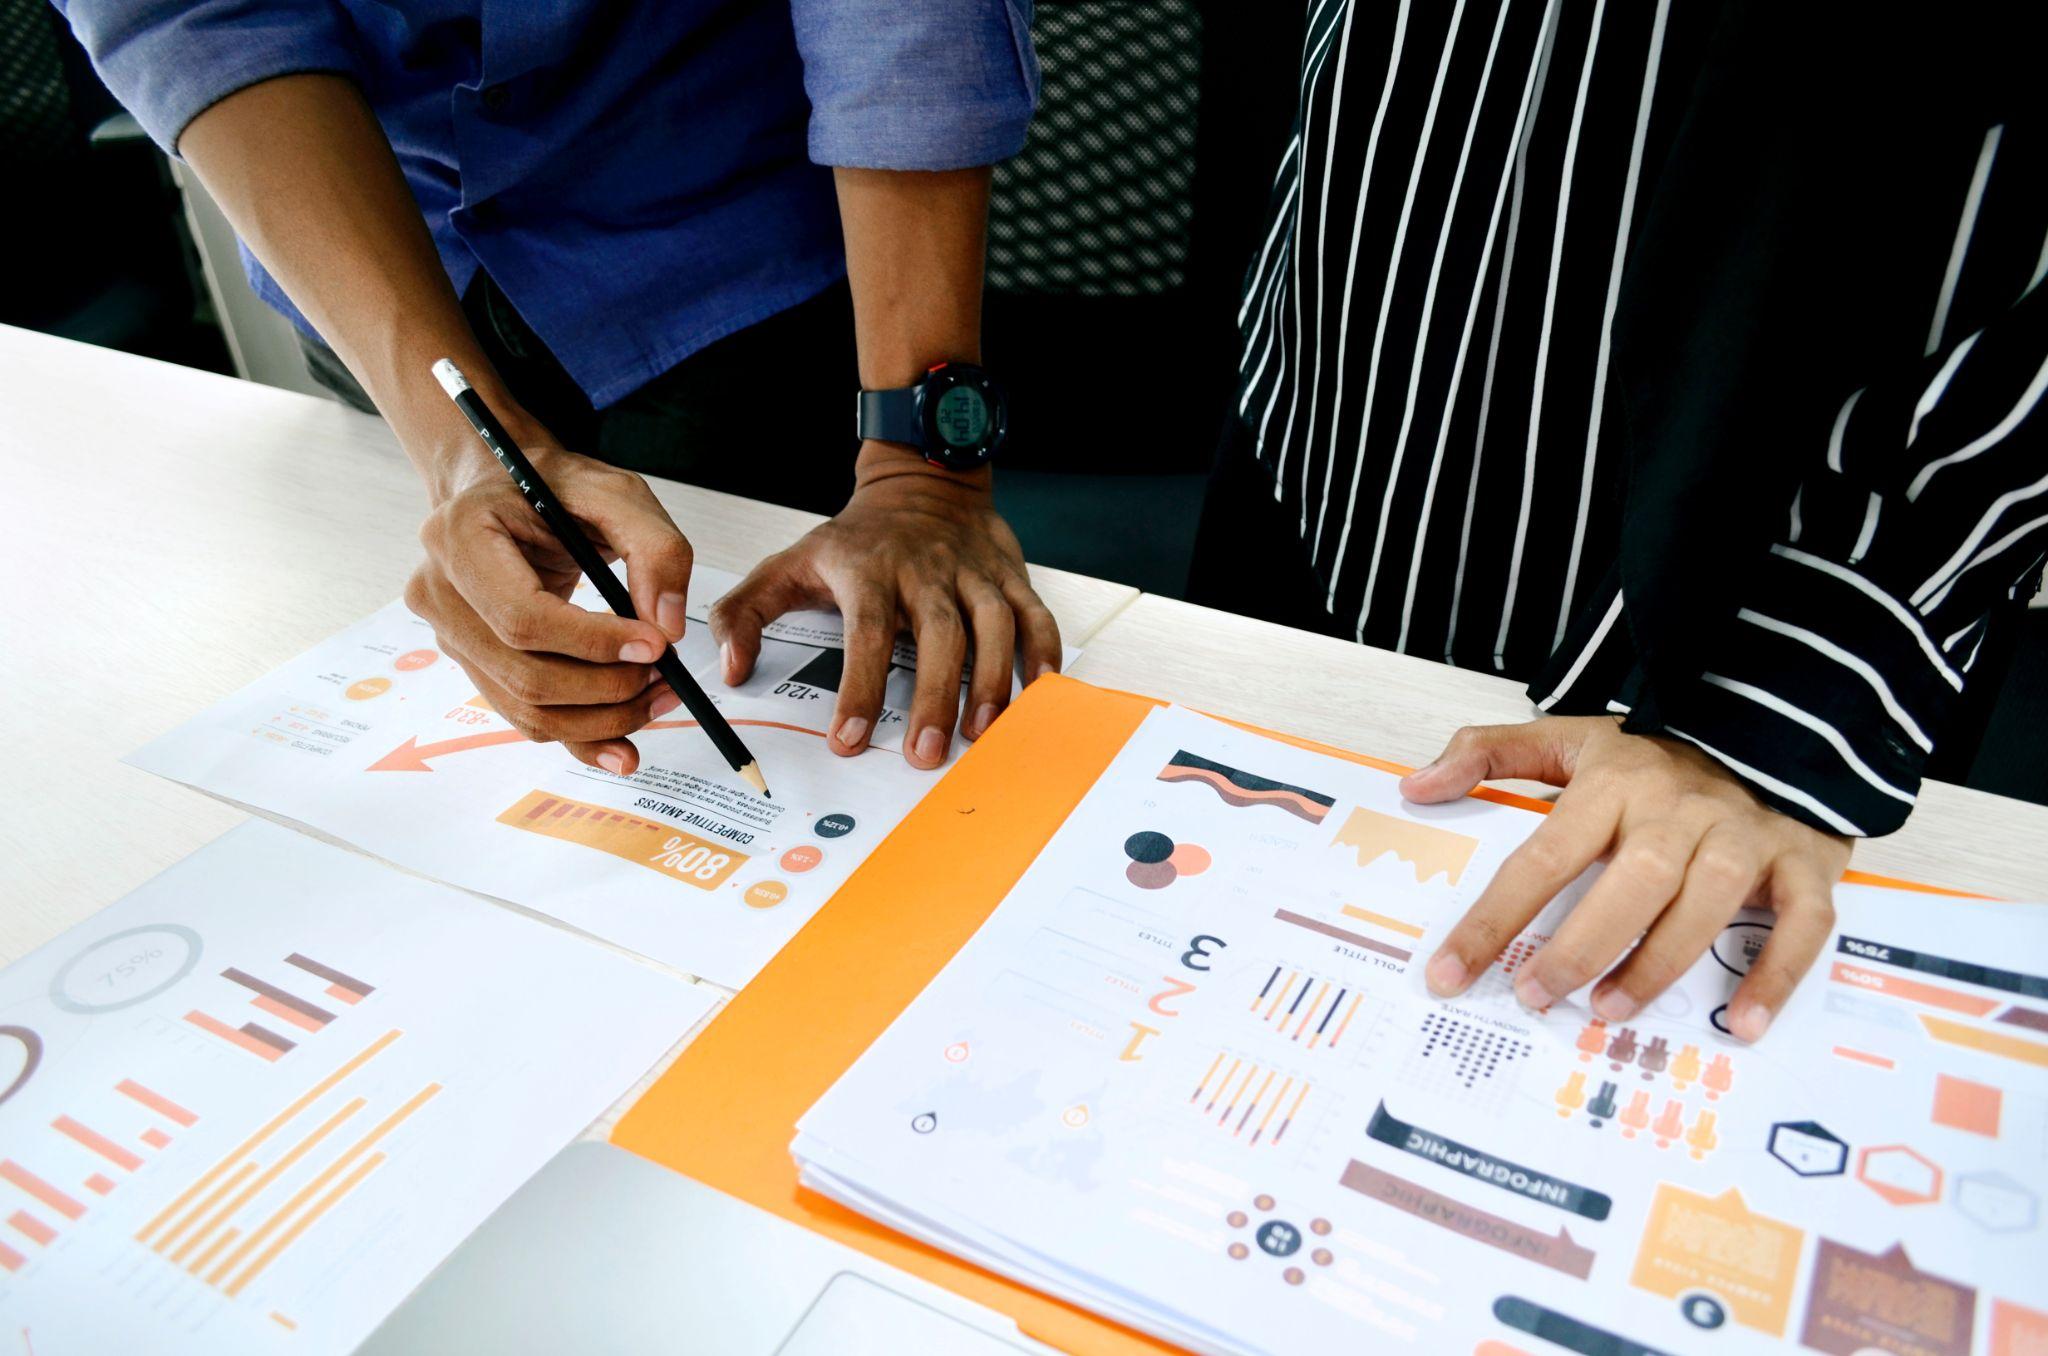 Não existe um perfil ideal de empresa para realizar a análise de dados, se fazendo extremamente importante para realizar processos de expansão